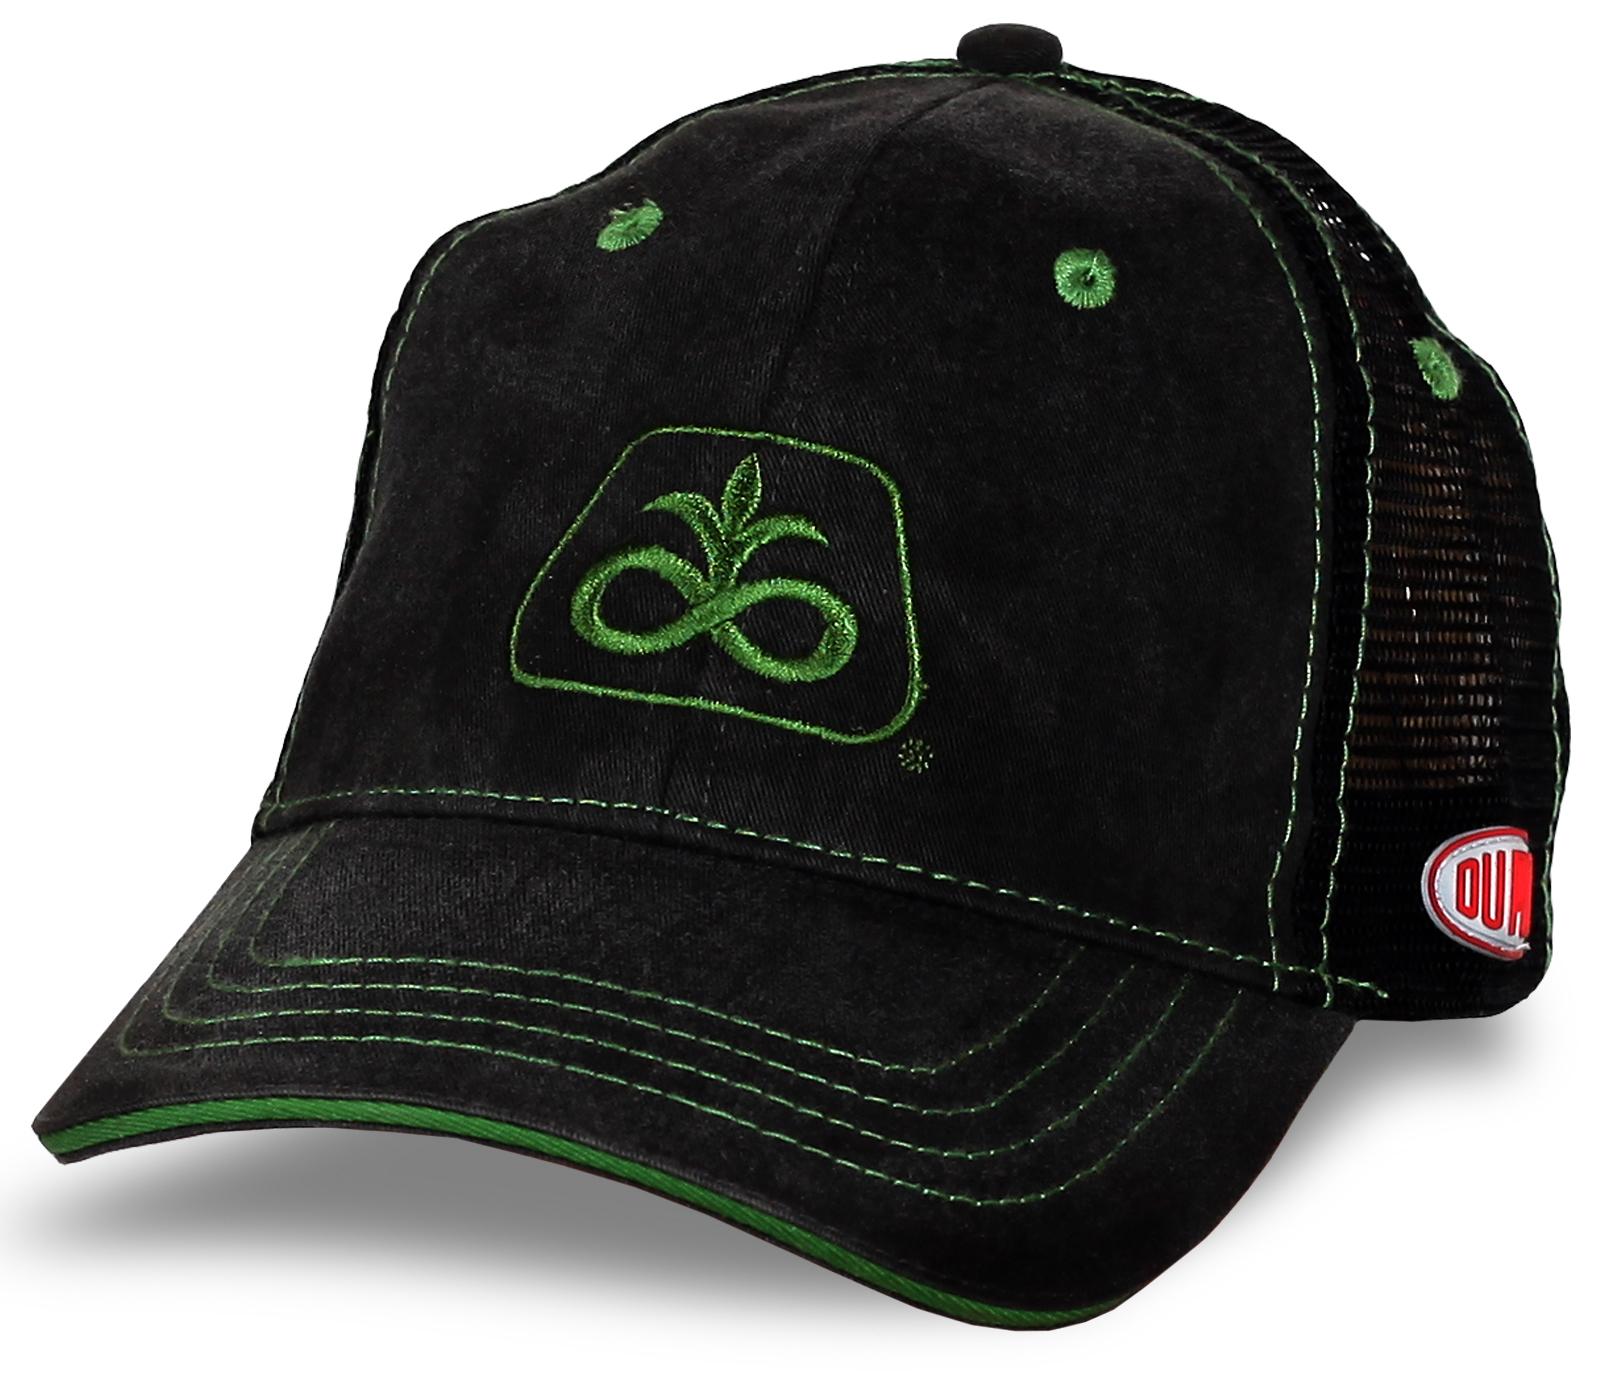 Черная бейсболка с вышитым логотипом и сеткой сзади